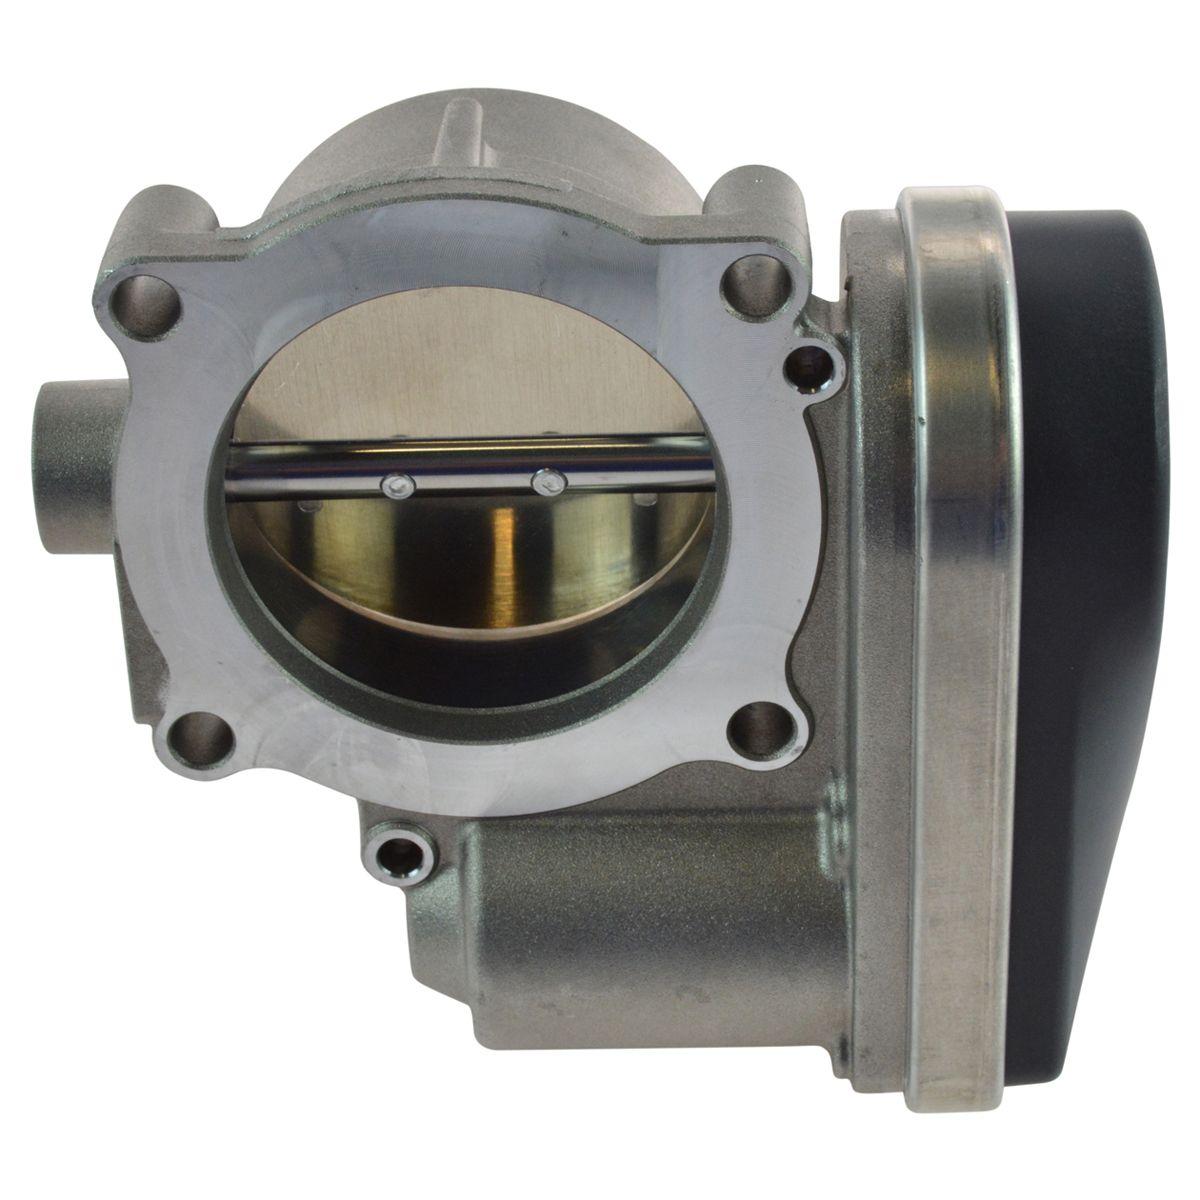 Throttle Body Assembly TPS Sensor For Chrysler 300 Dodge Touring Charger 2.7 3.5